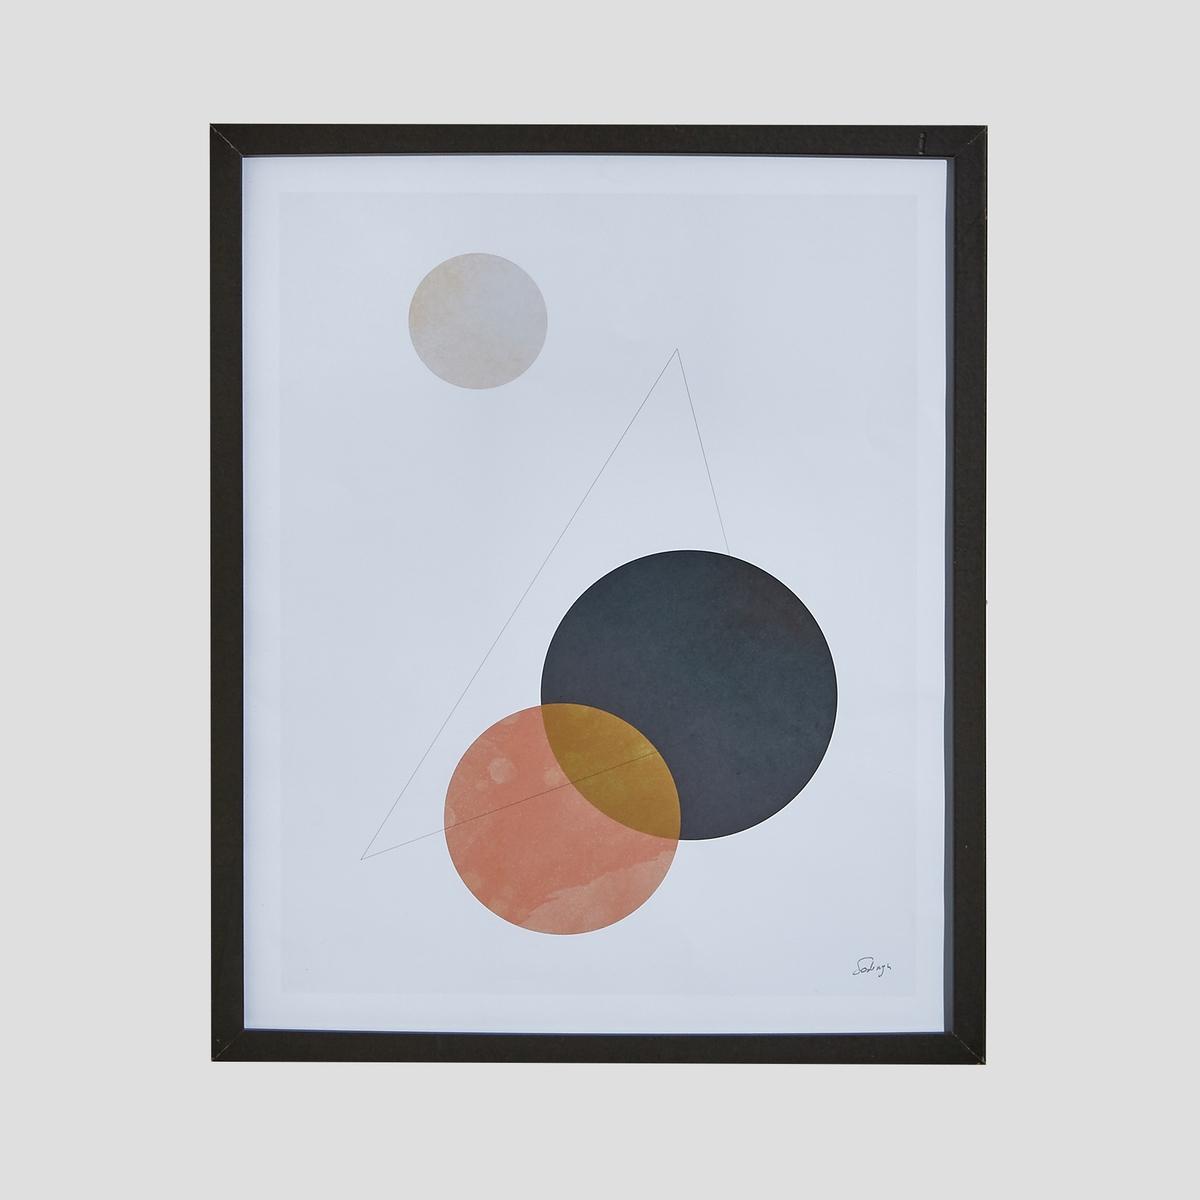 Плакат настенный синего и розового цветов, BelaskoПлакат Belasko. Абстрактный рисунок на офсетной бумаге, 170 г. Из бумаги. Размеры : Ш.40 x В.50 см. Плакат поставляется в картонном тубусе.<br><br>Цвет: синий/розовый<br>Размер: единый размер